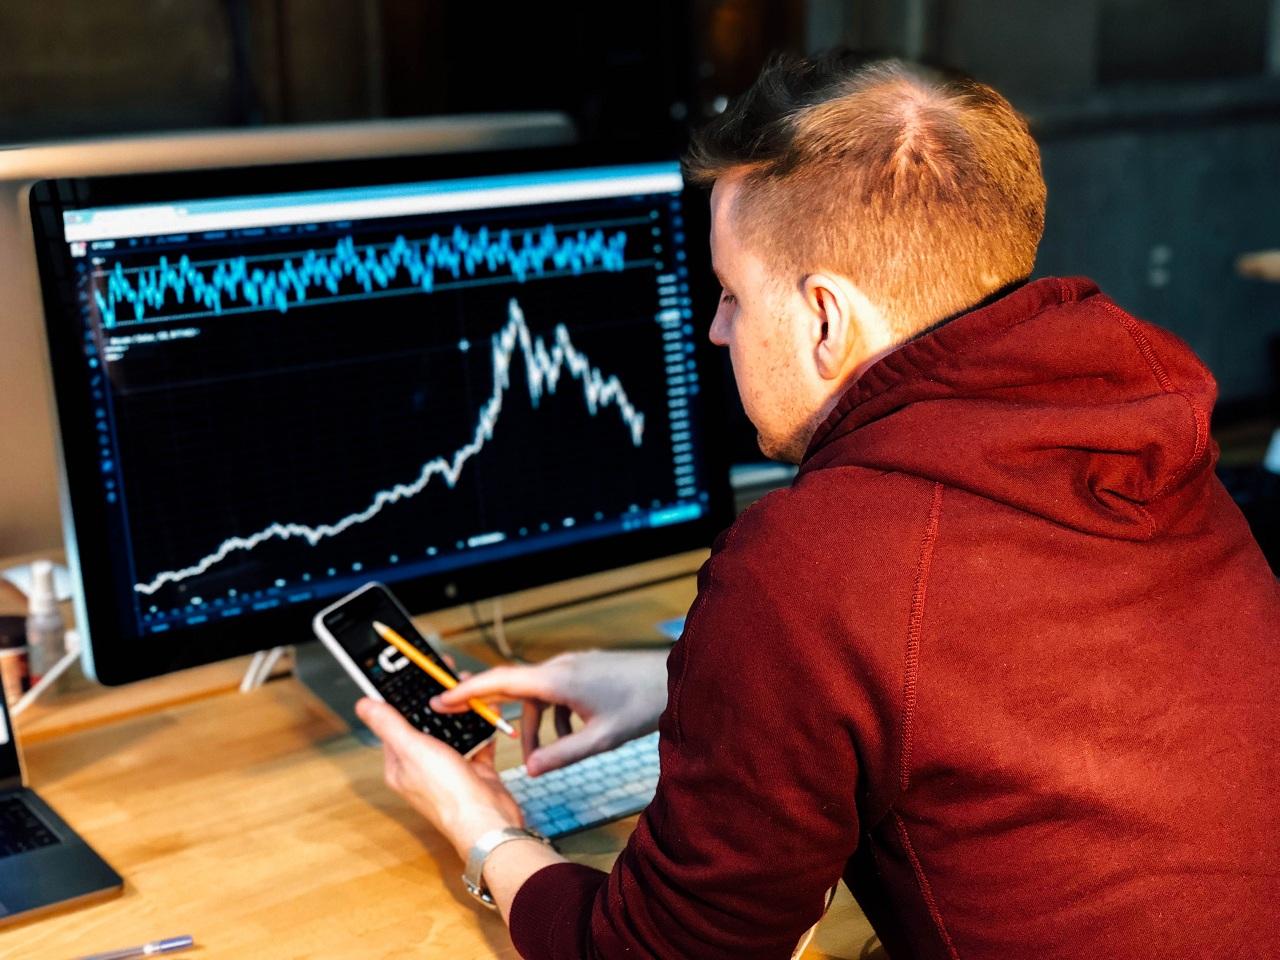 stock market investing tips for beginners